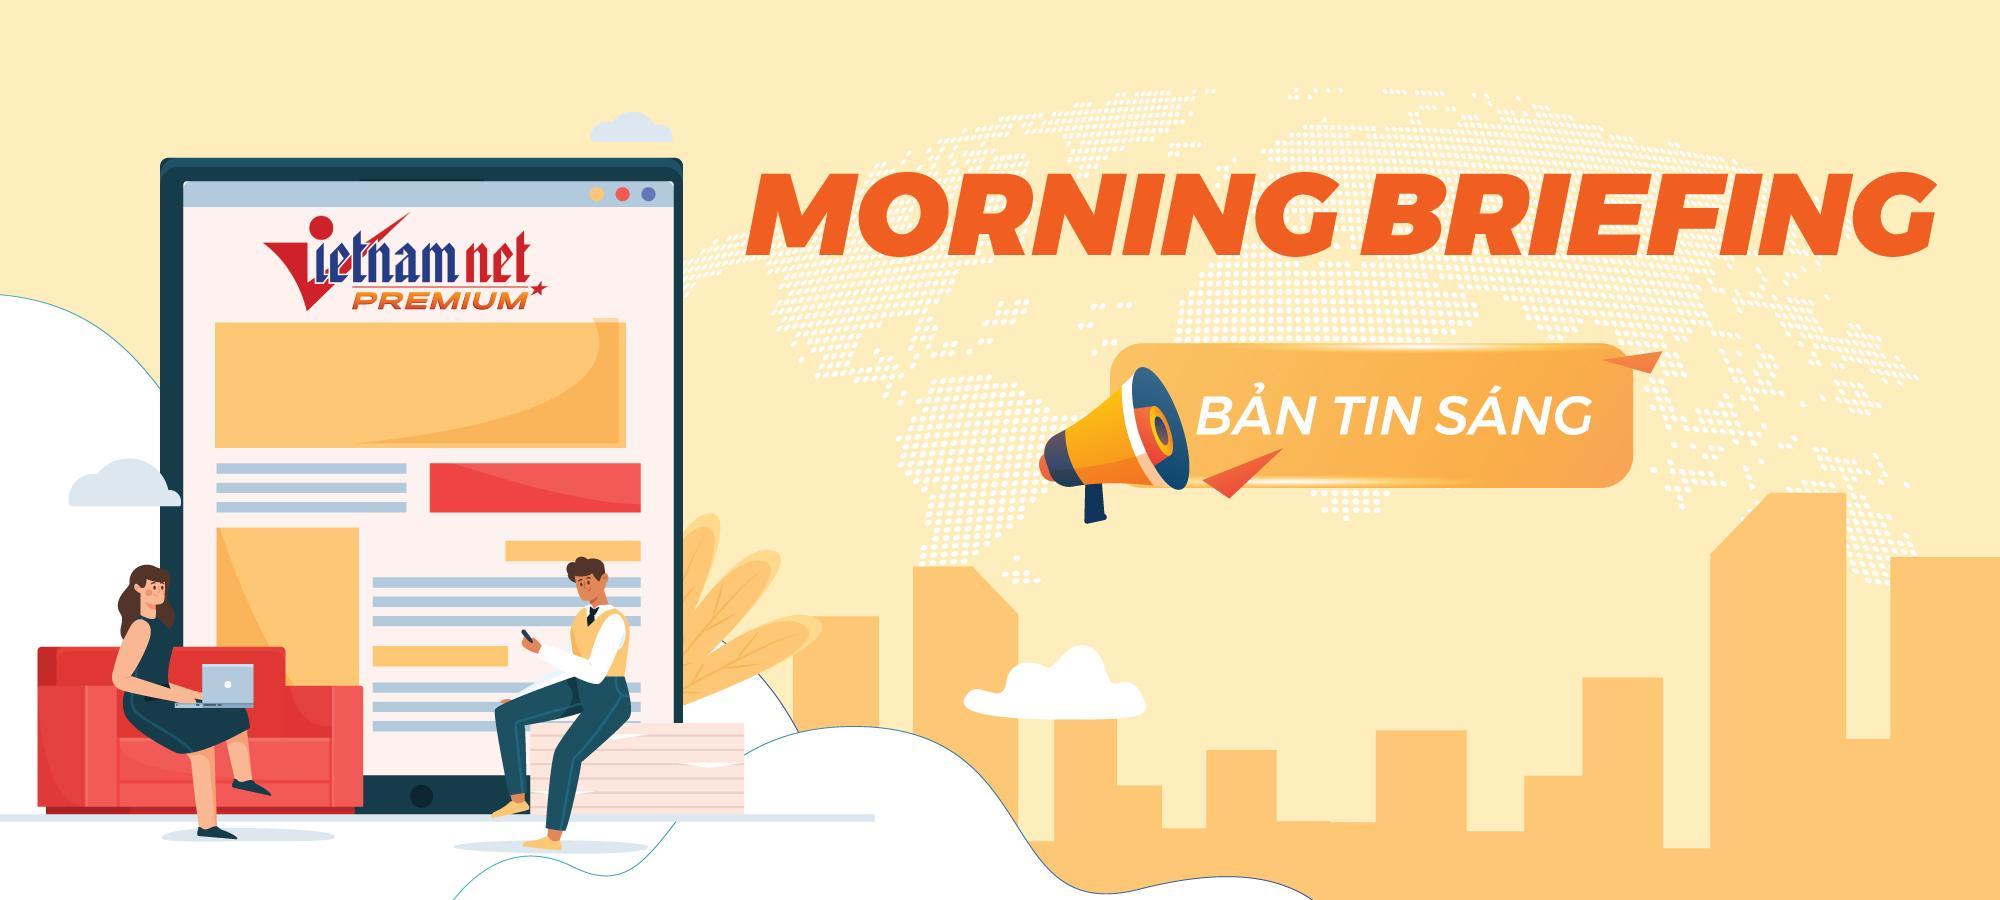 Bản tin sáng VietNamNet (15/09/2021)